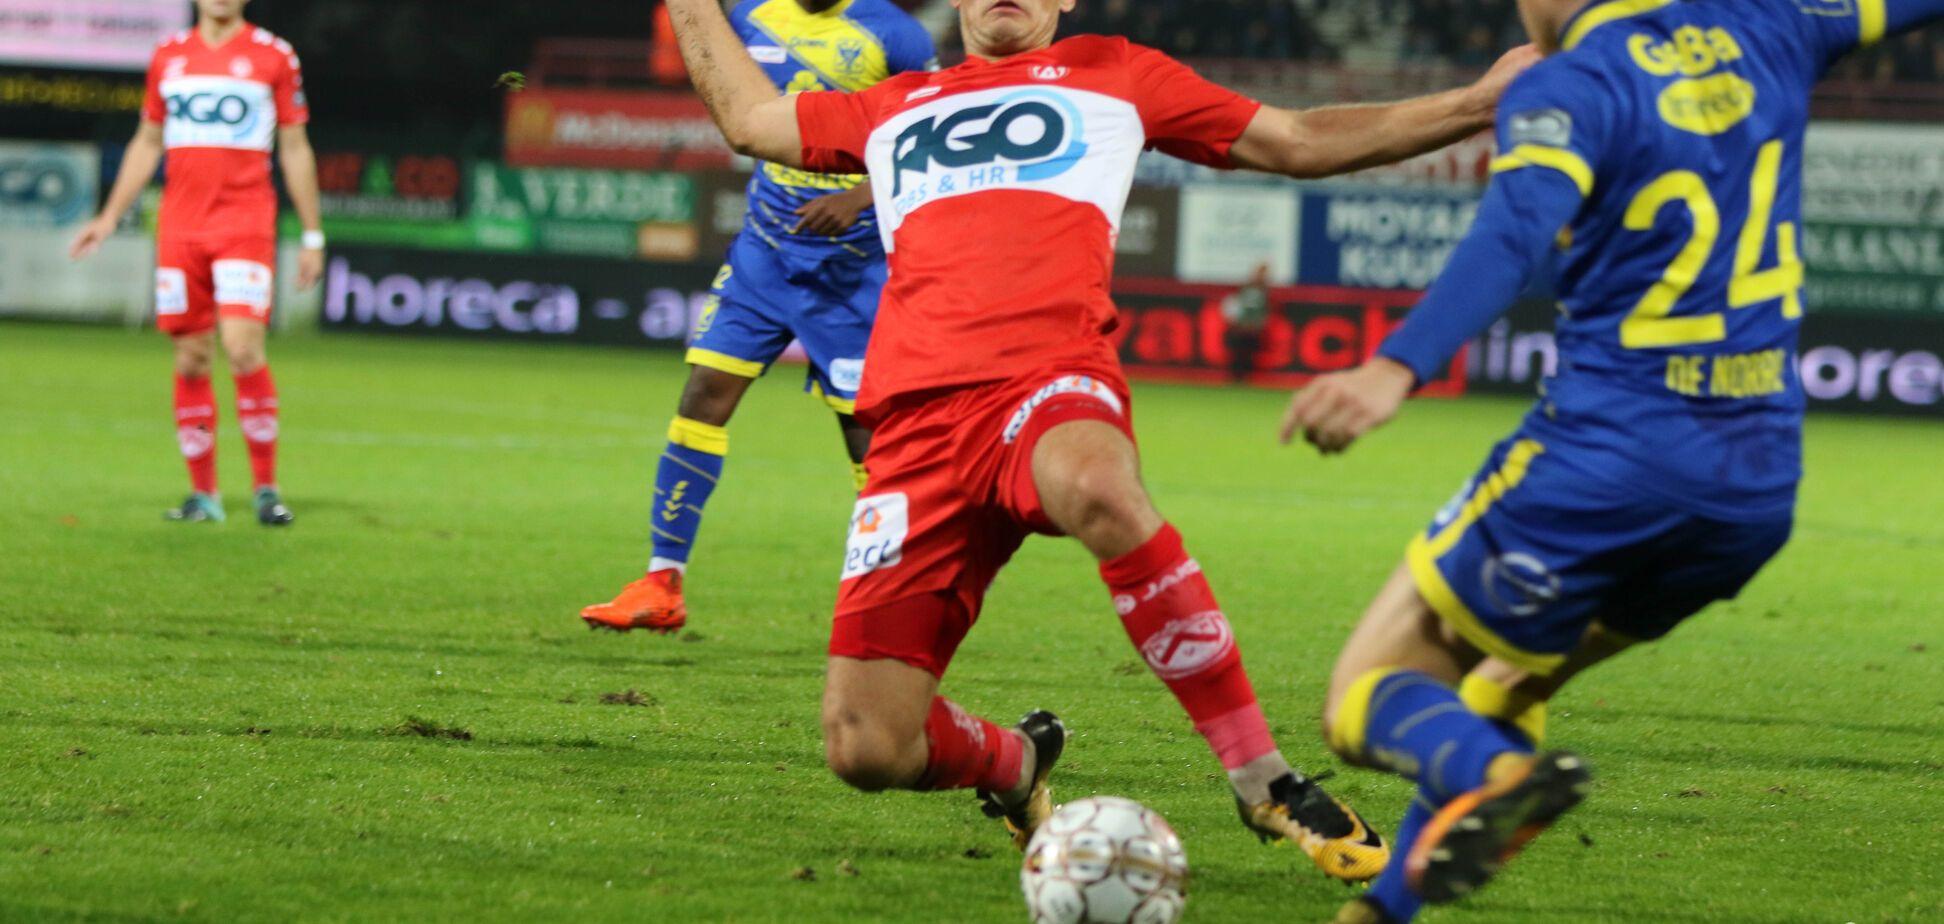 Украинский экс-футболист 'Динамо' отметился автоголом уже на 40-й секунде матча чемпионата Бельгии: опубликовано видео